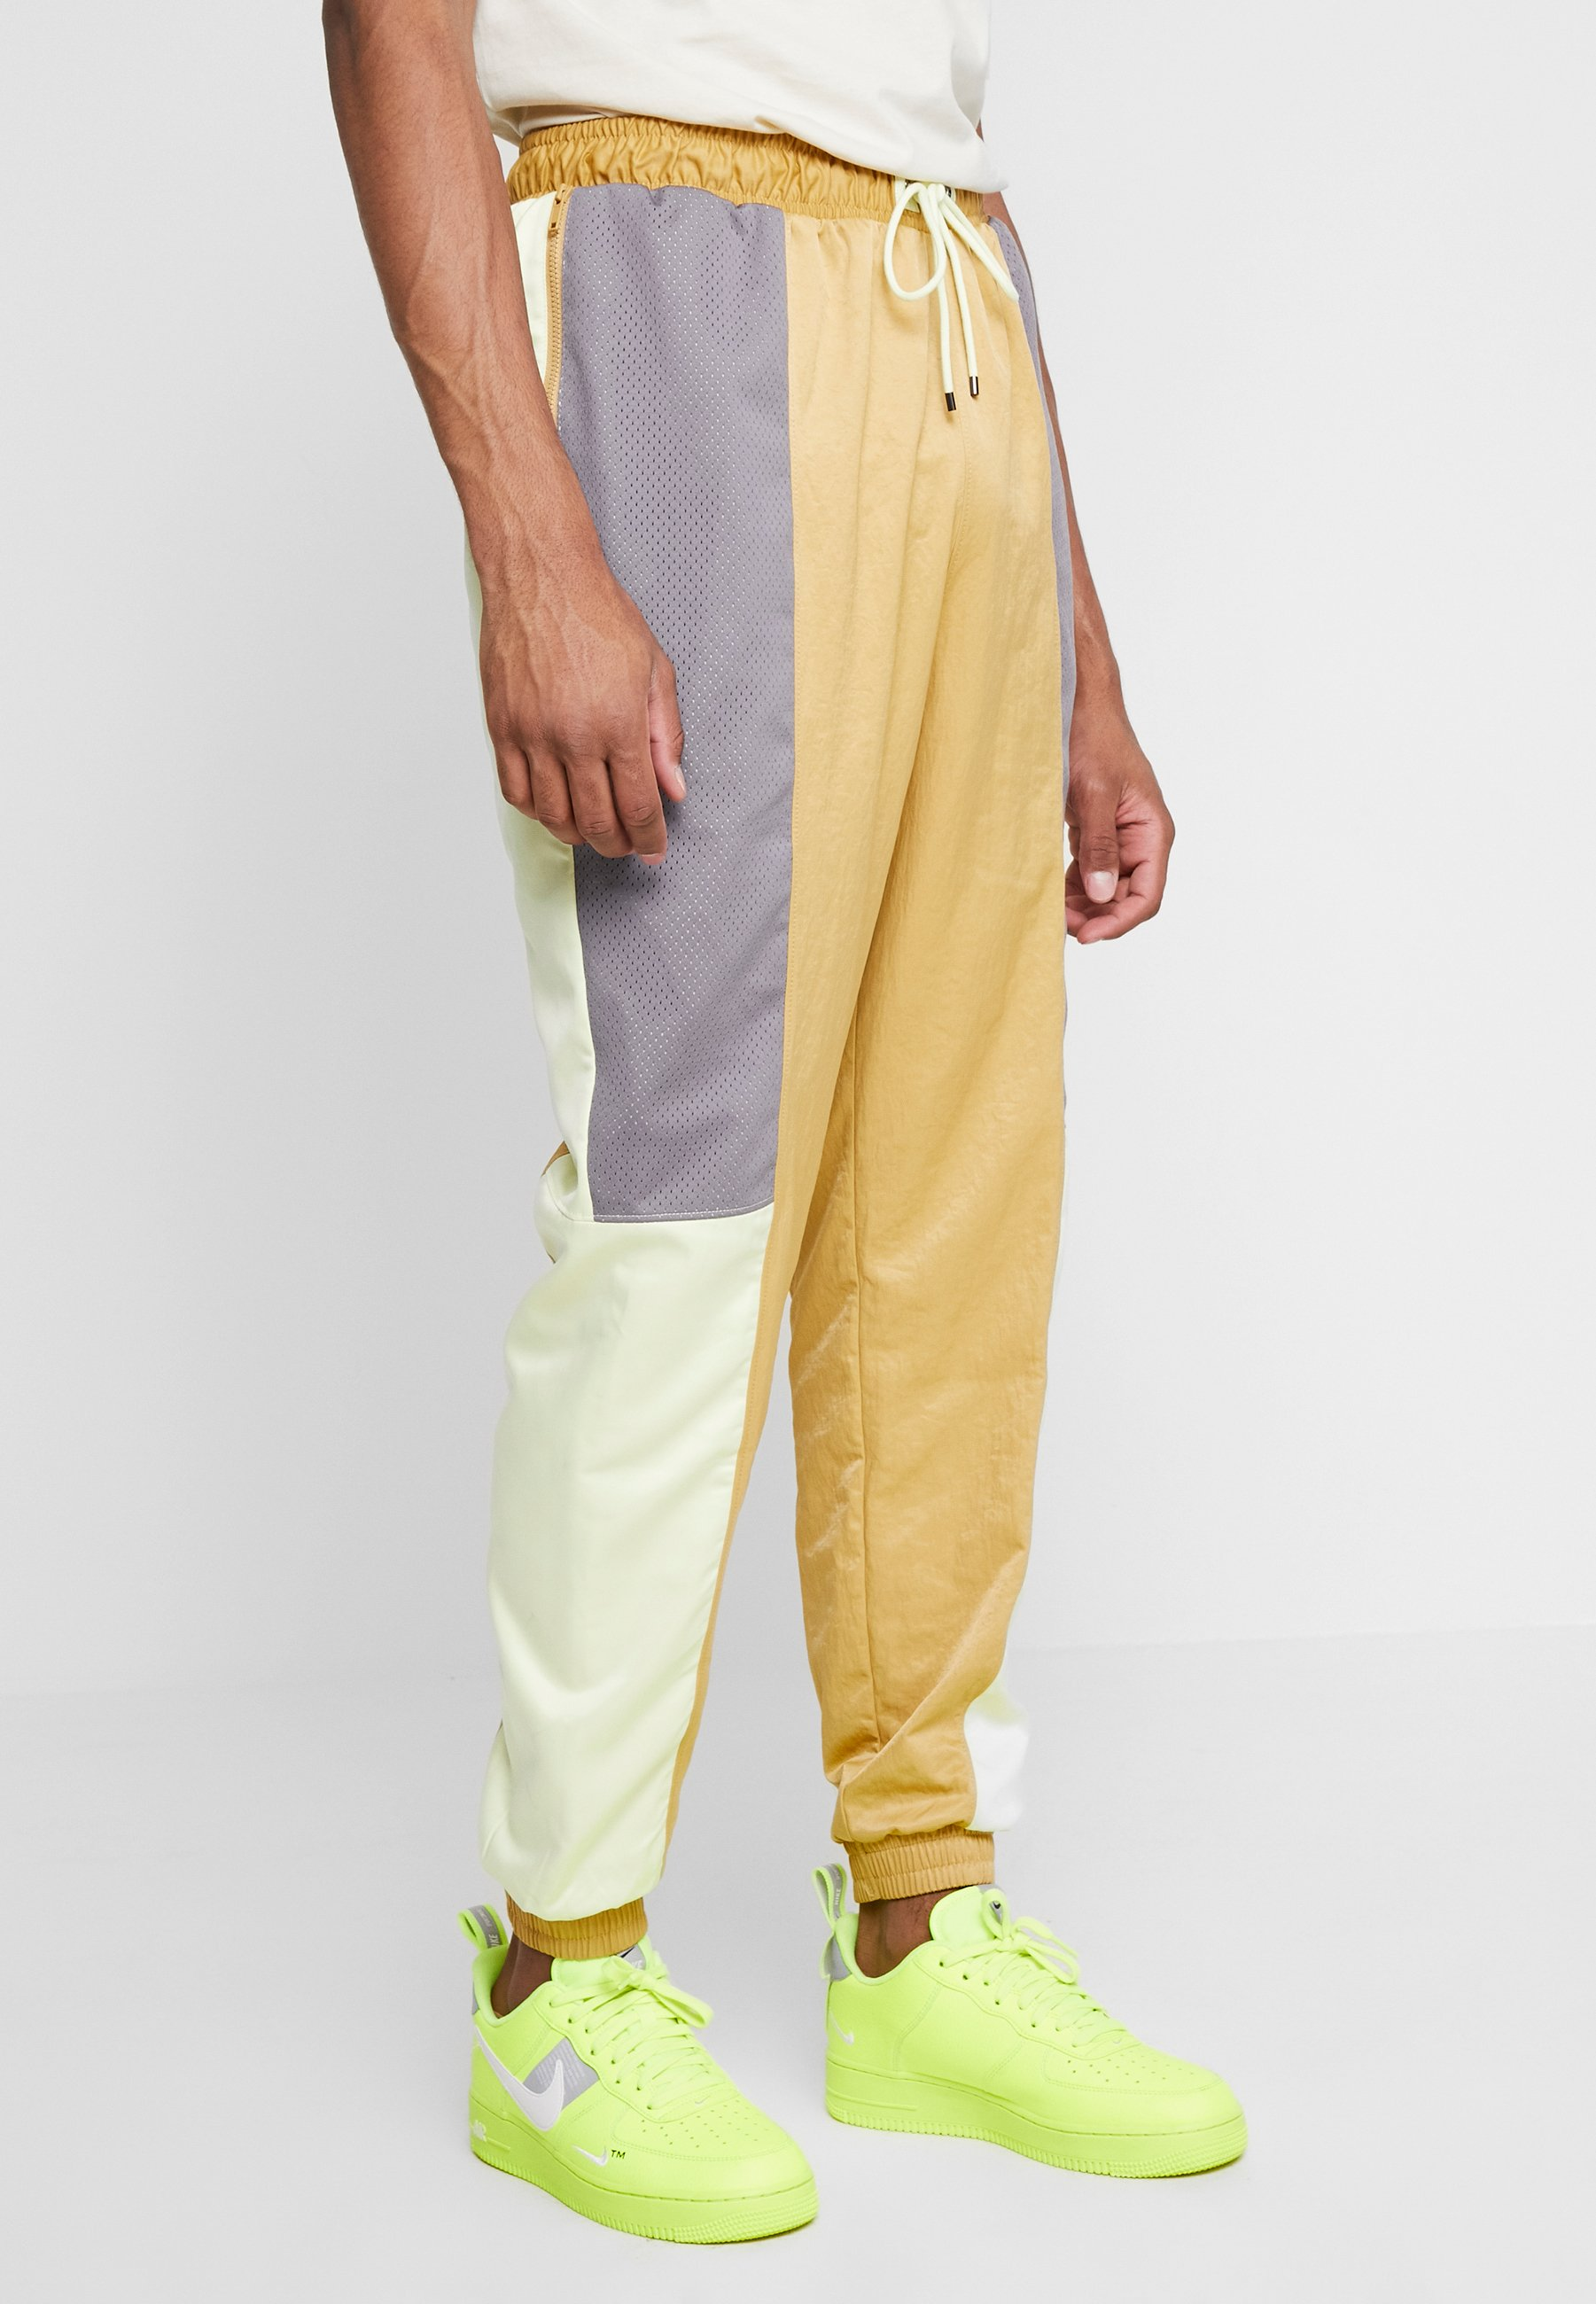 Wings Sportivi Gold Club gunsmoke Green luminous Suit PantPantaloni Jordan vm8NnwO0